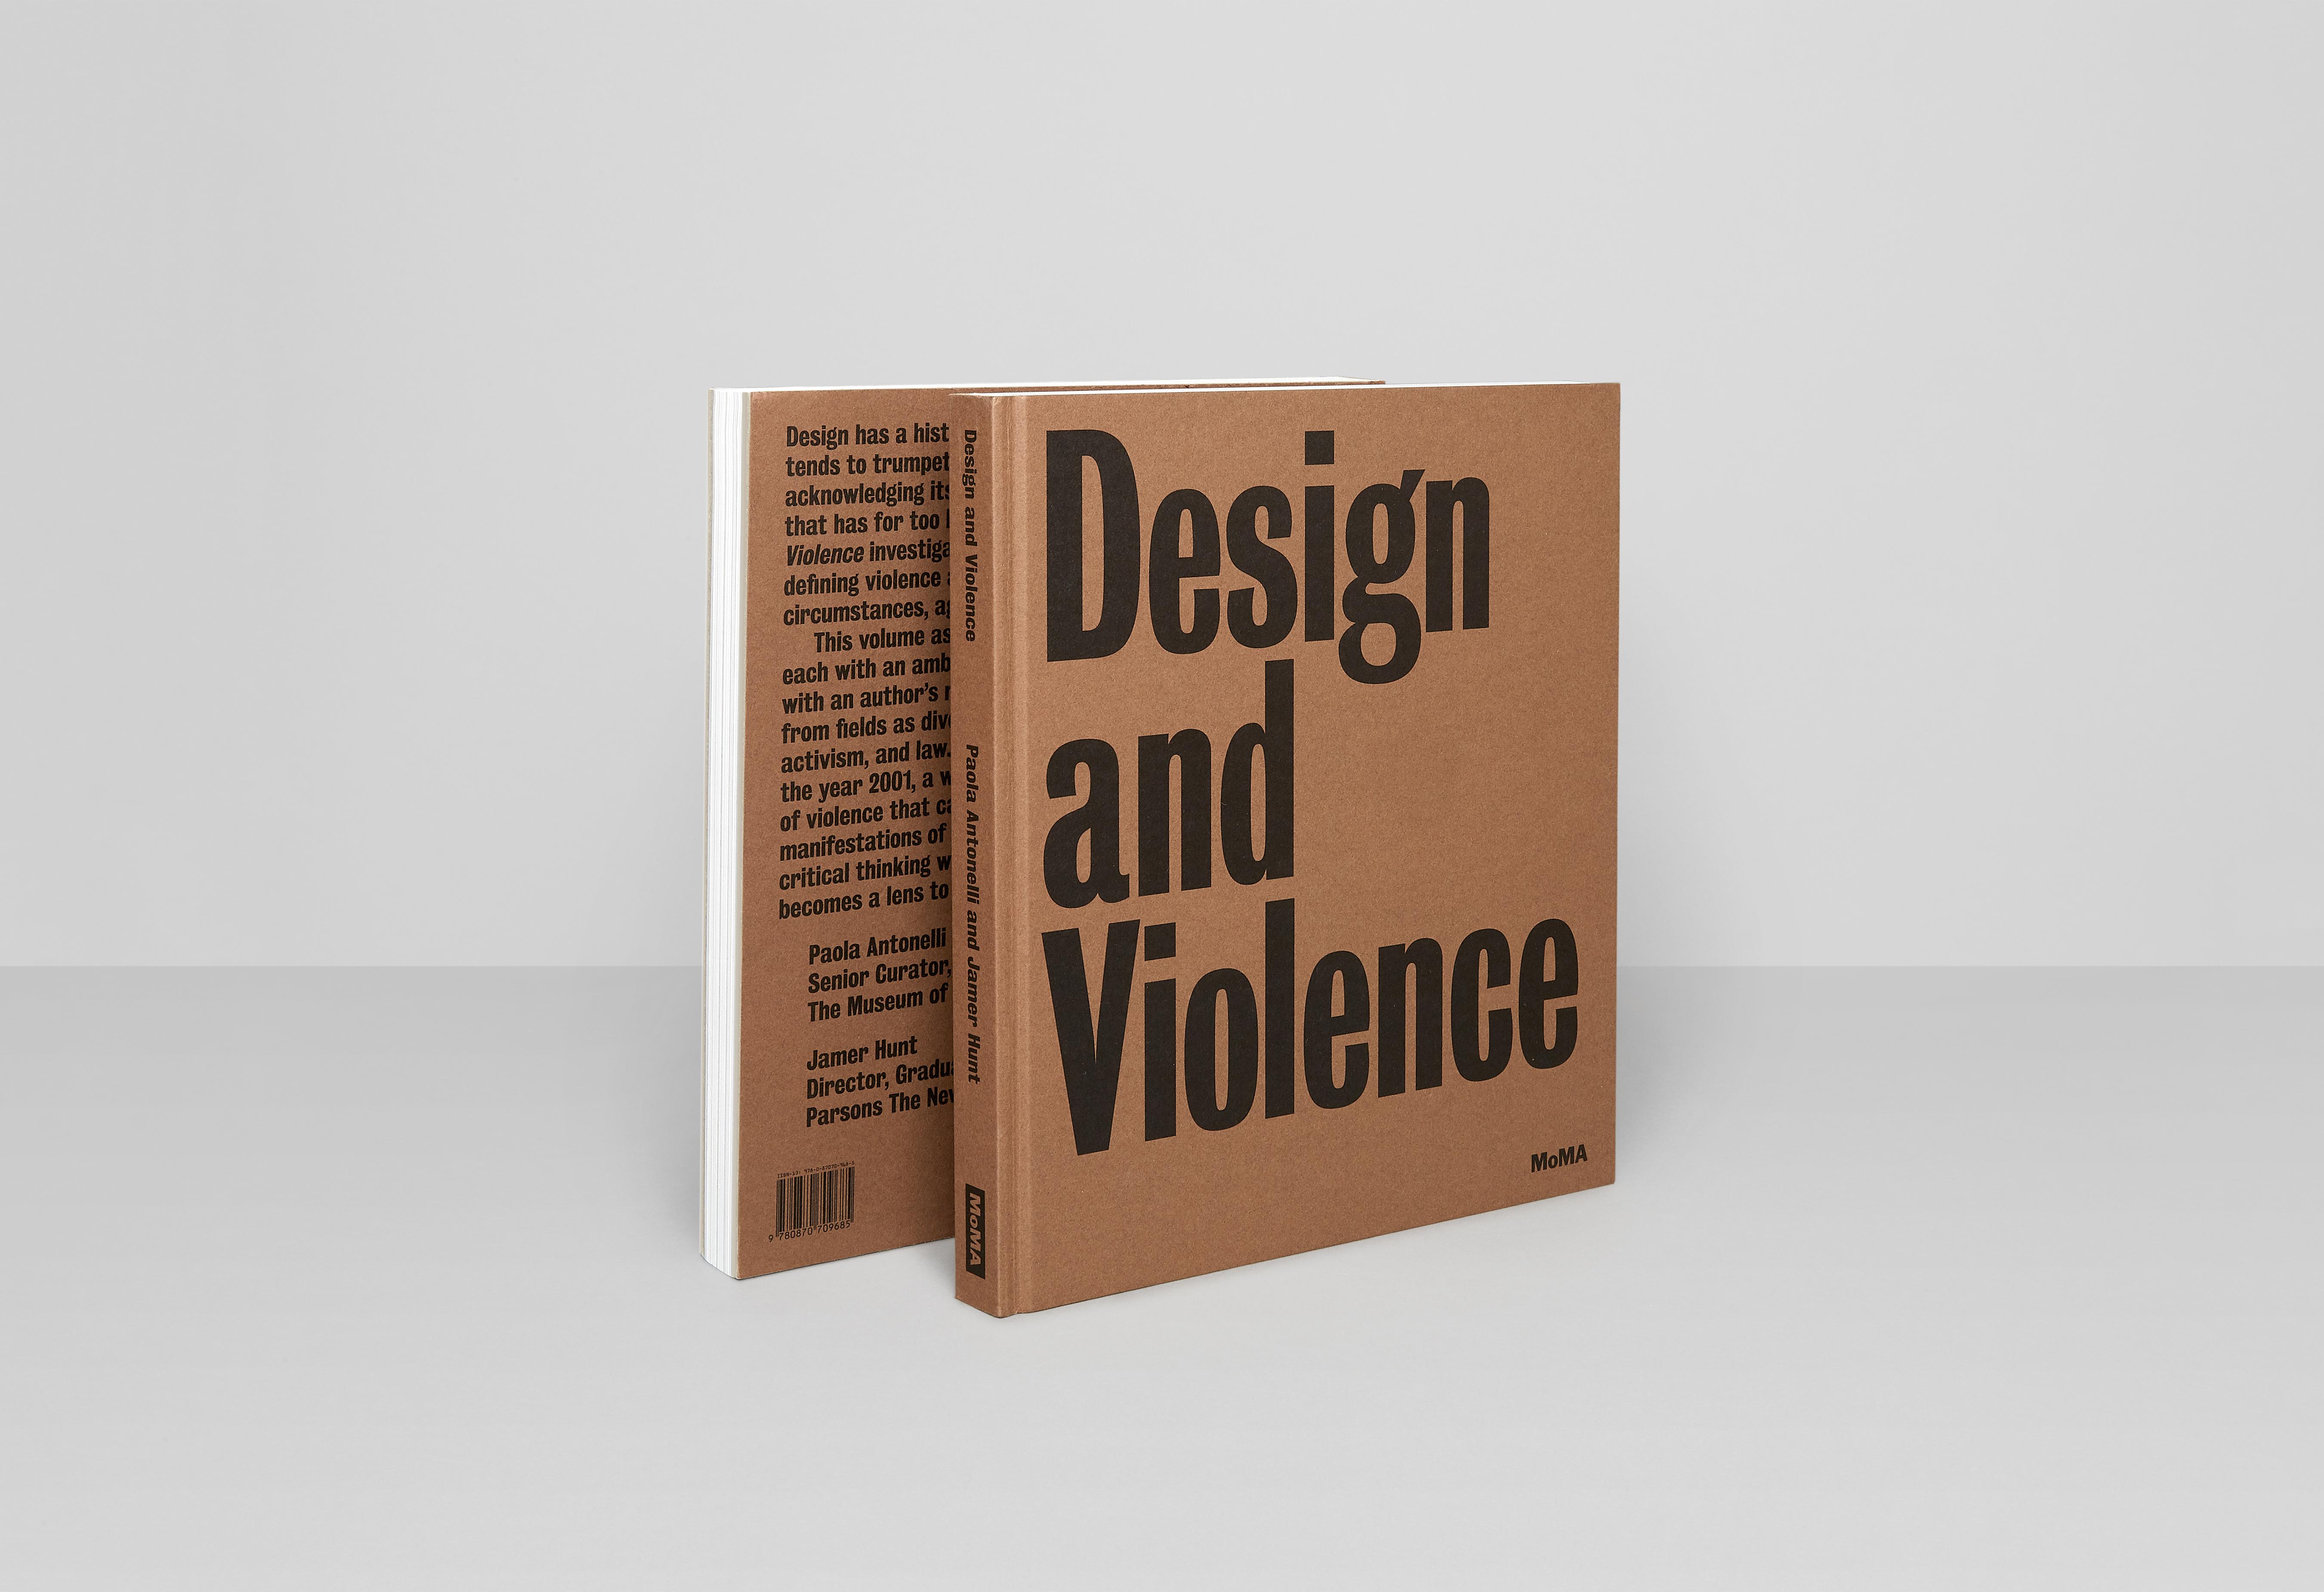 Shaz Madani Studio Moma Design And Violence Shaz Madani Studio